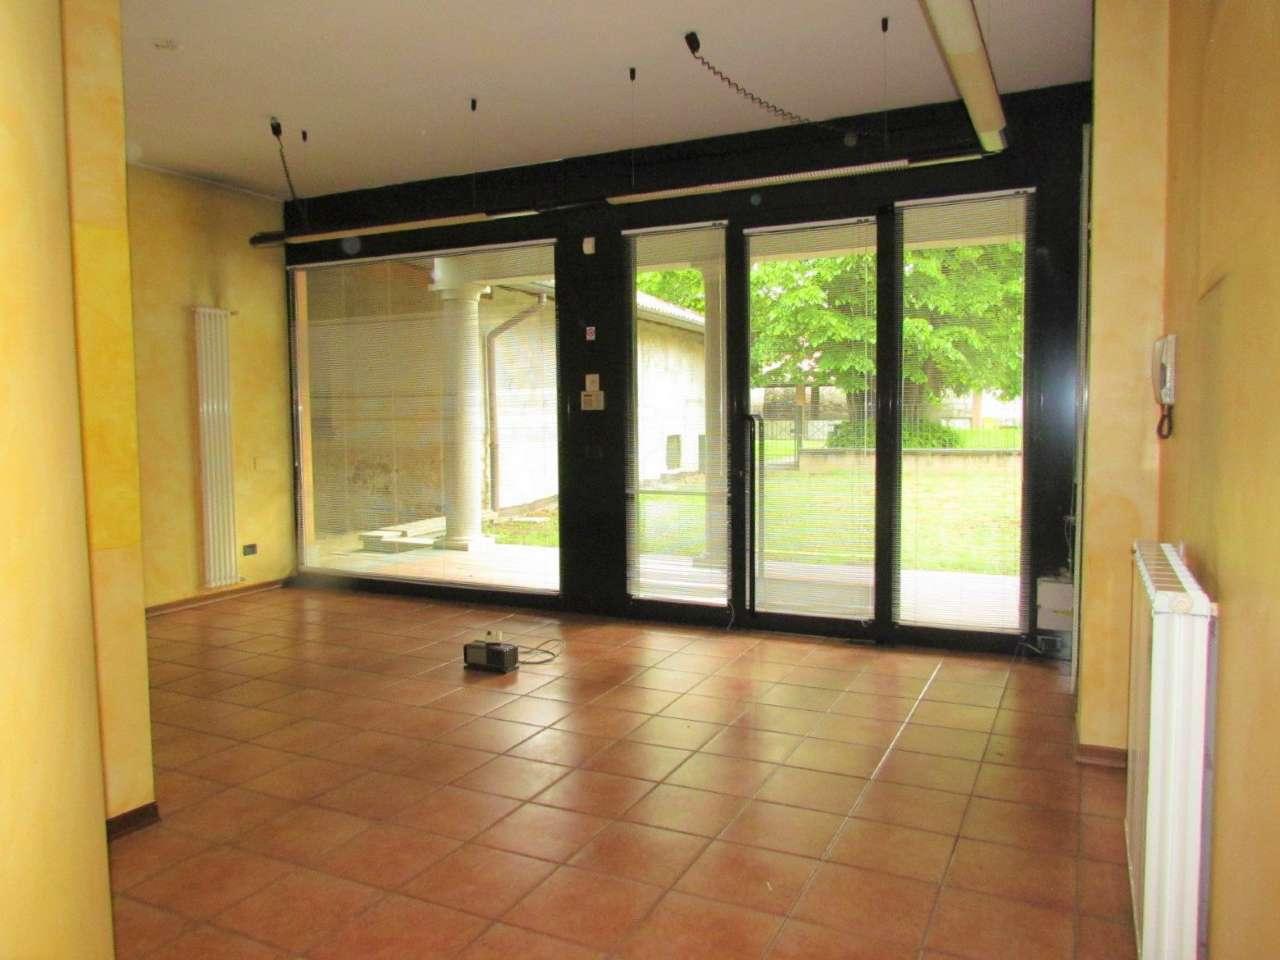 Negozio / Locale in vendita a Vedano Olona, 3 locali, prezzo € 125.000 | Cambio Casa.it